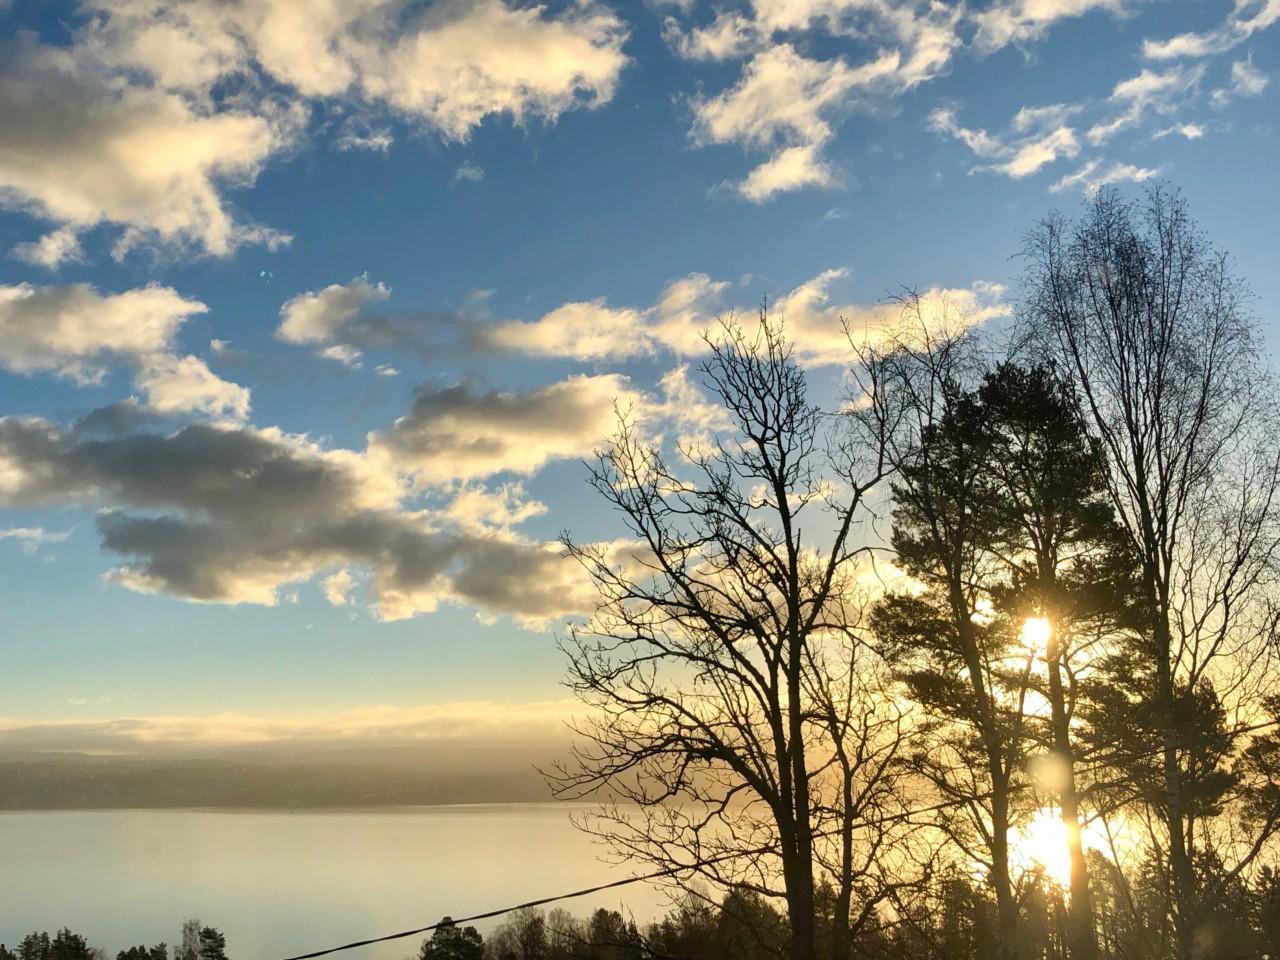 morgen-utsikt-nesodden-havet-bunnefjorden-sol-varme-green-house